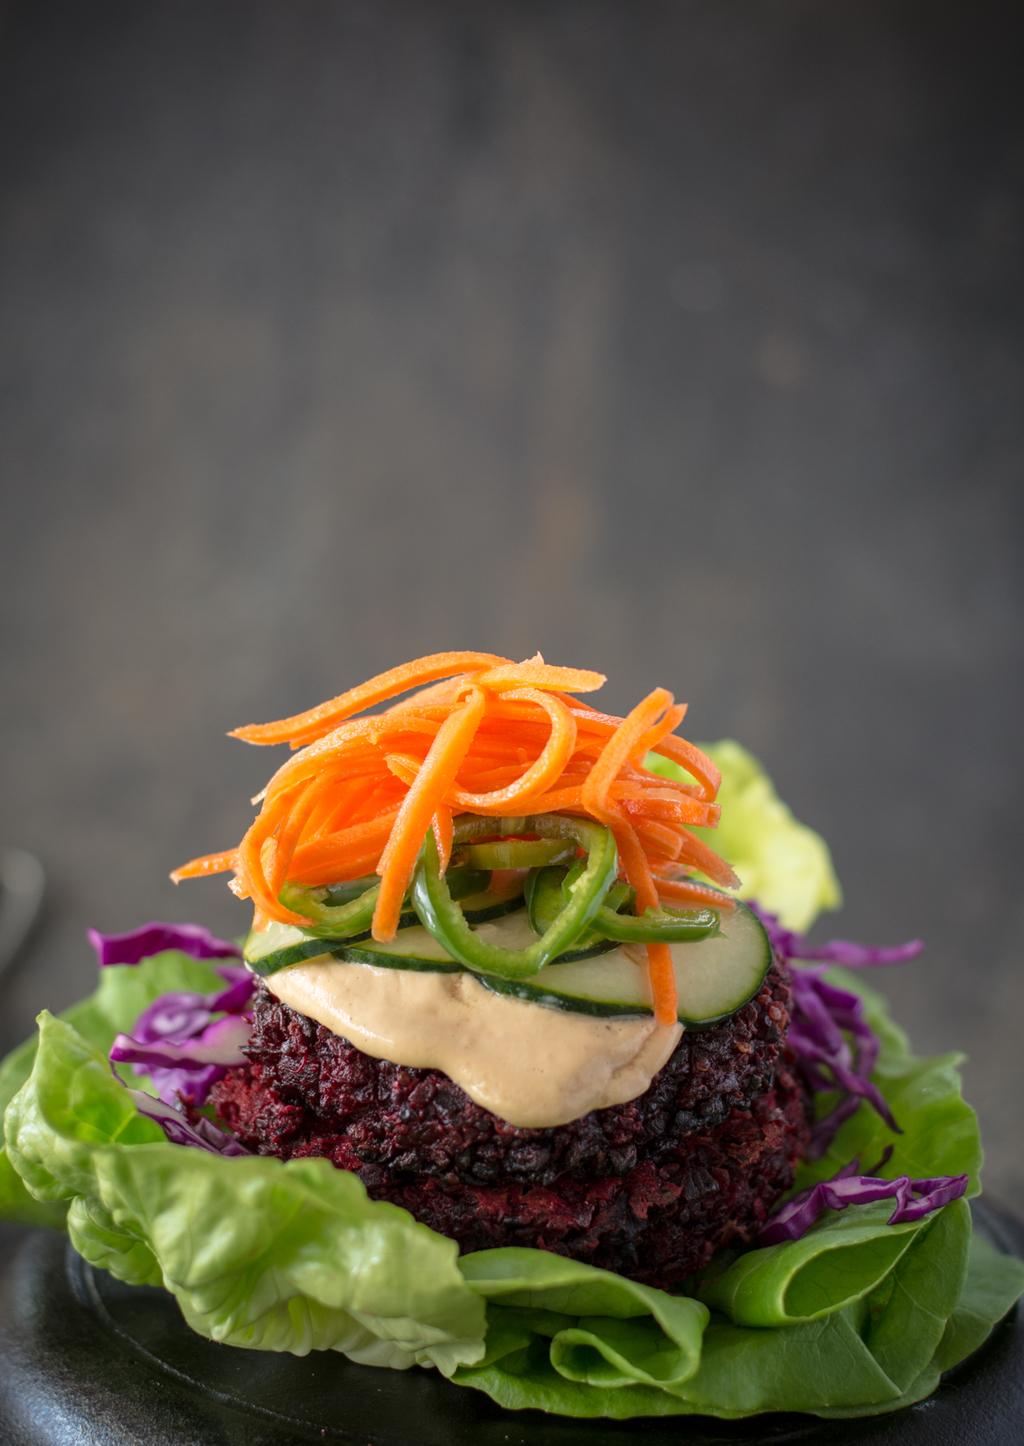 DSC 0134 - Banh Mi Beet Quinoa Burger